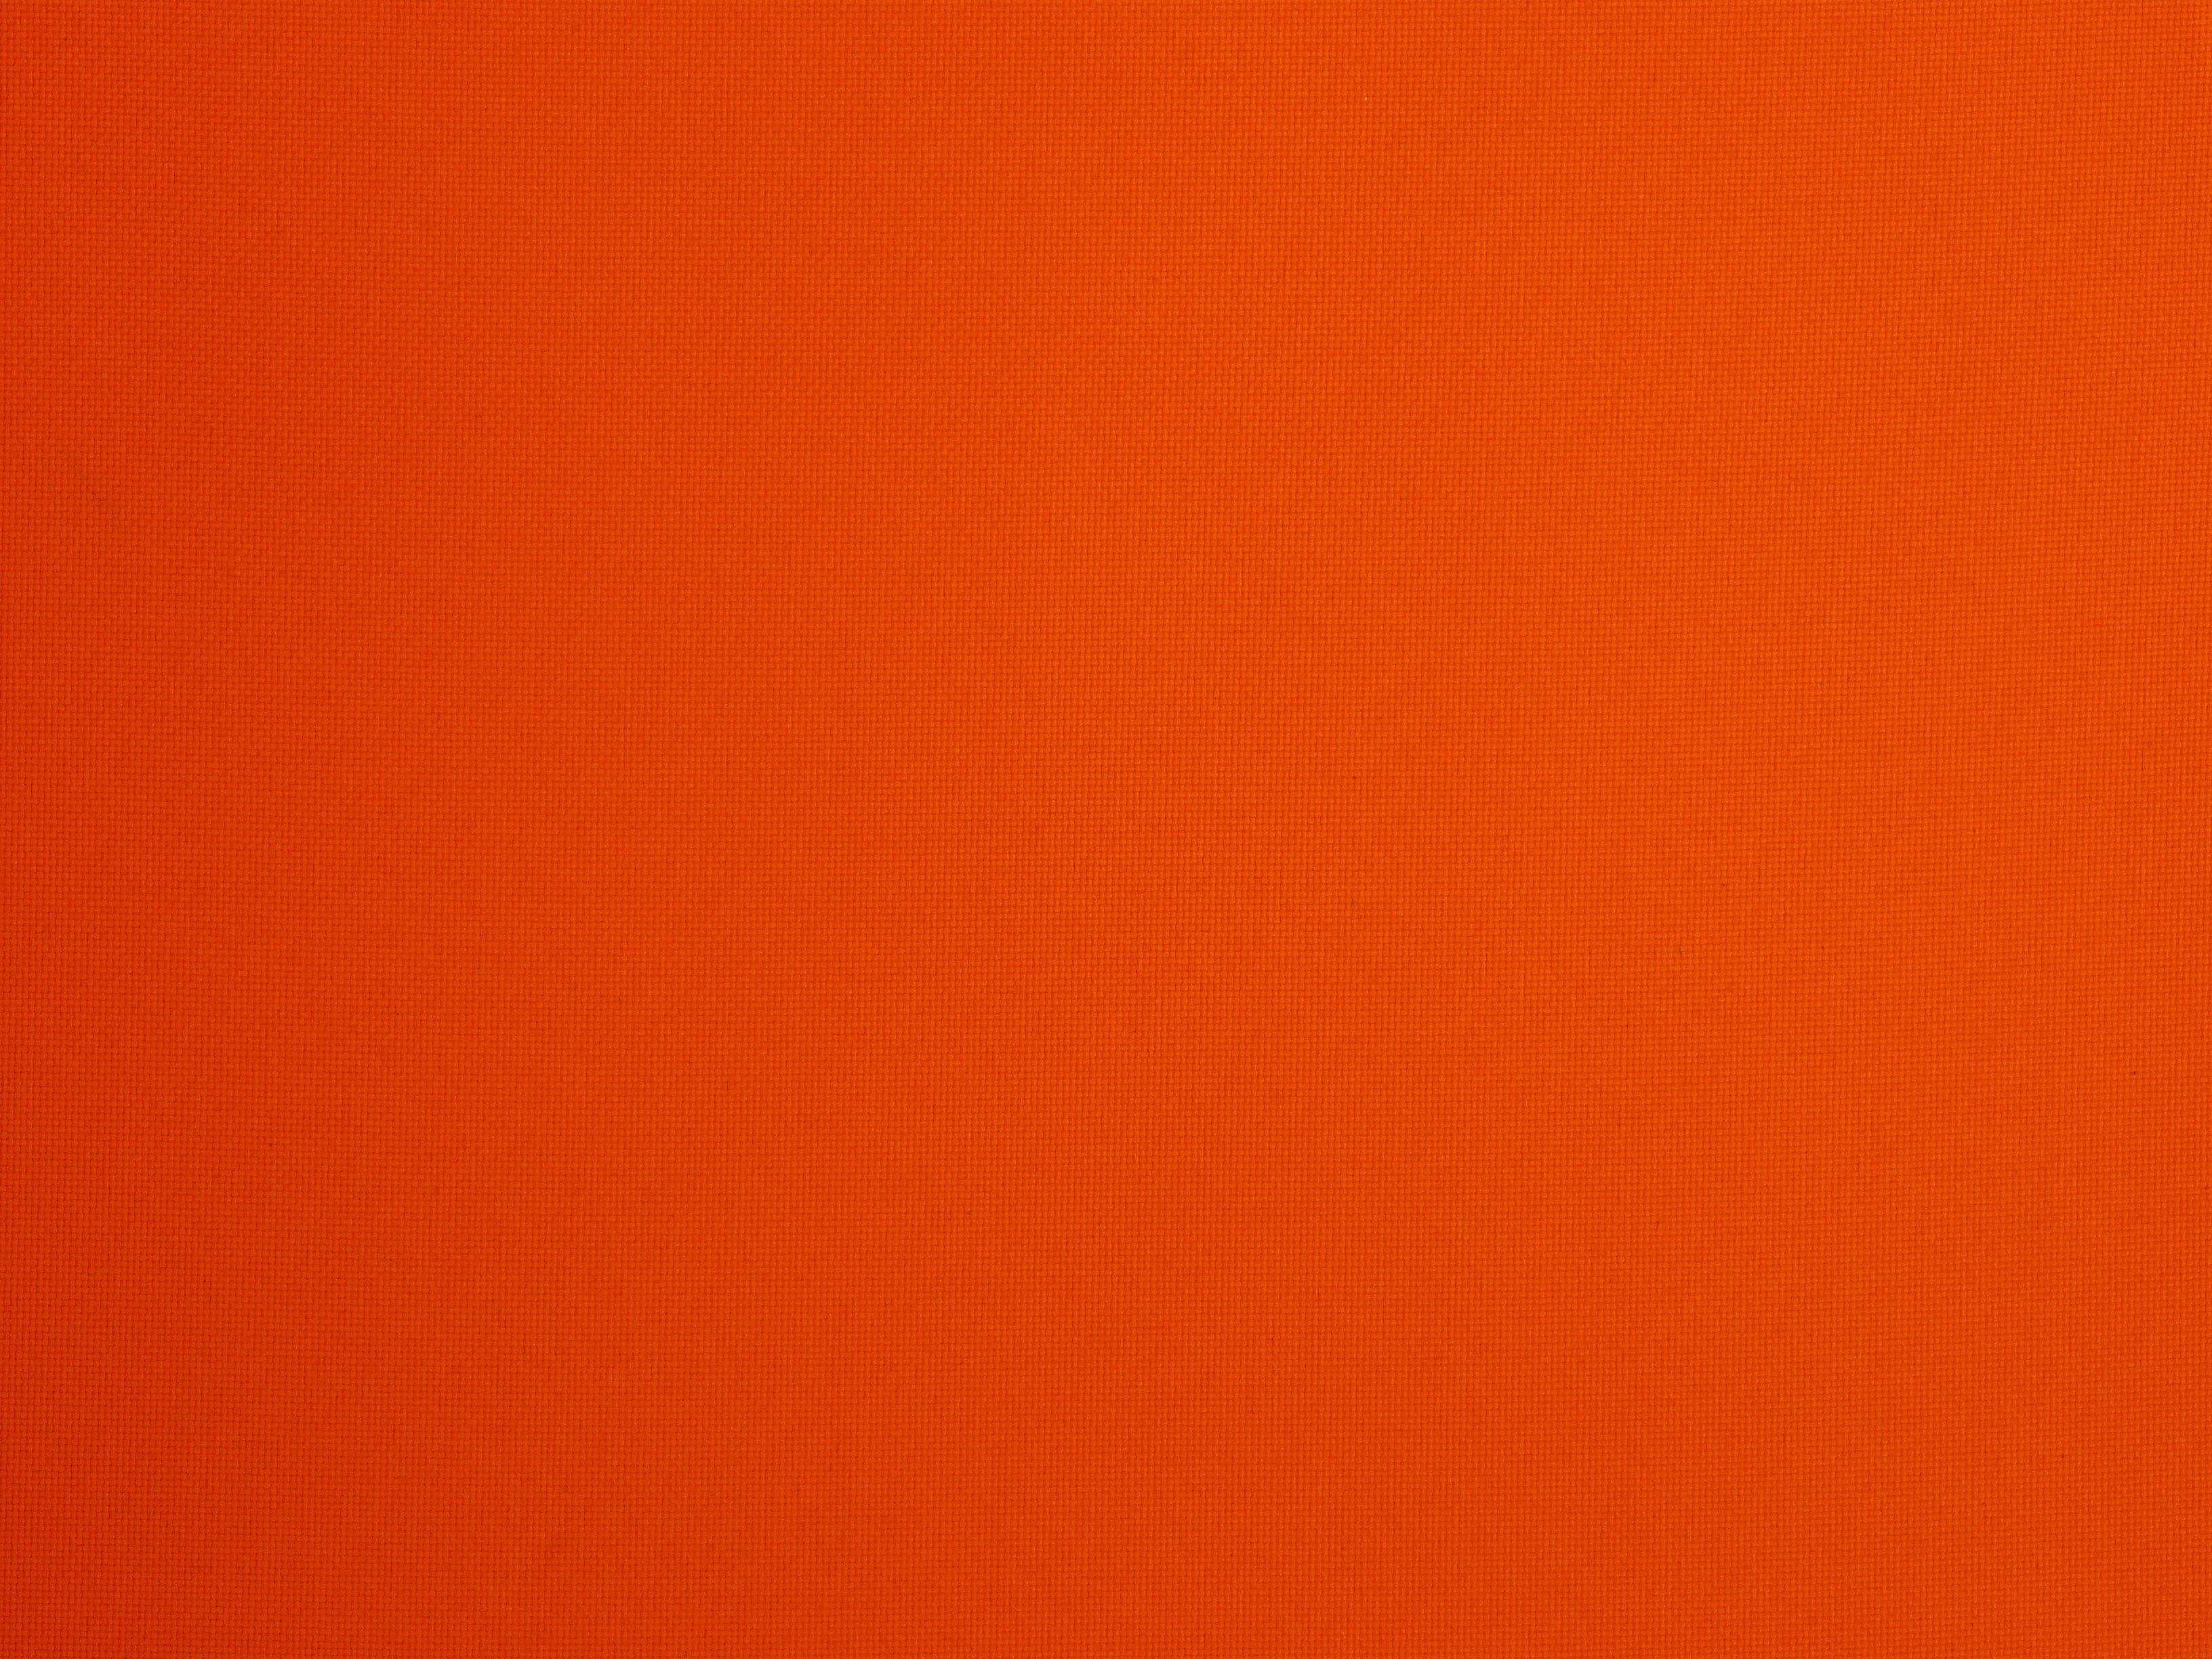 картинка шаблон оранжевый сожалению, личной жизни